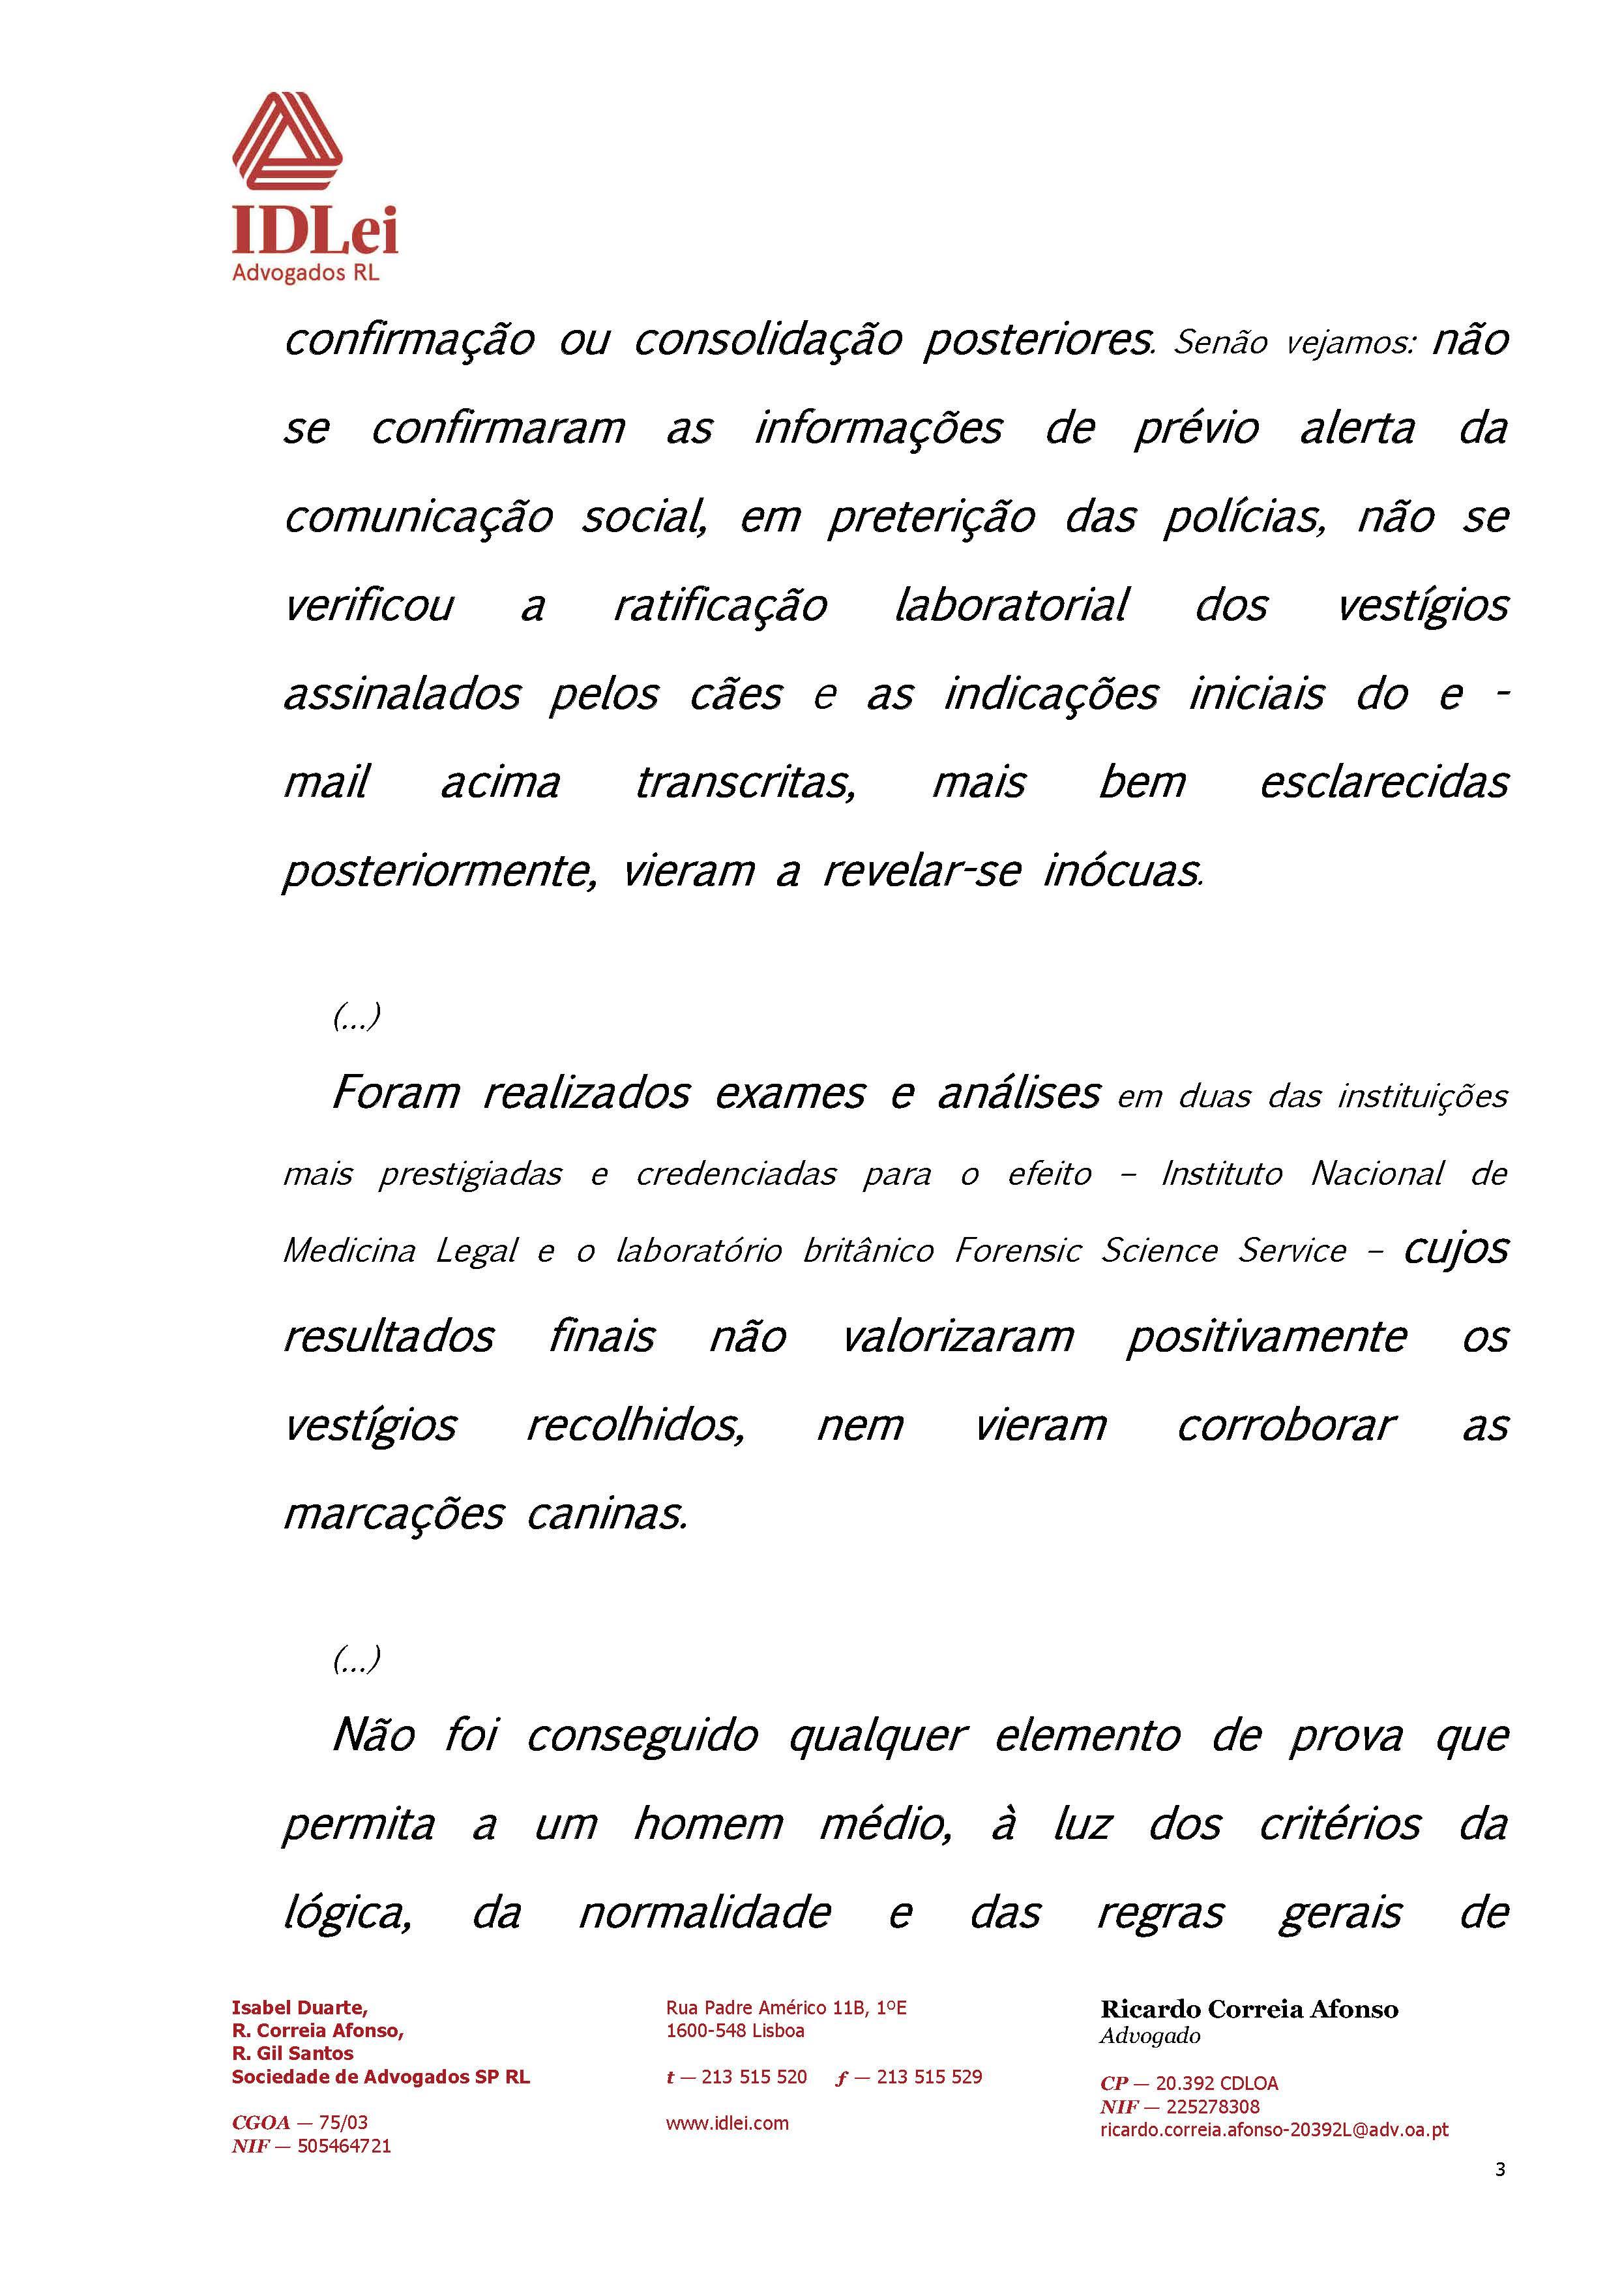 http://www.gerrymccannsblogs.co.uk/A/Arguicao_de%20Nulidade_do_Acordao_Page_3.jpg